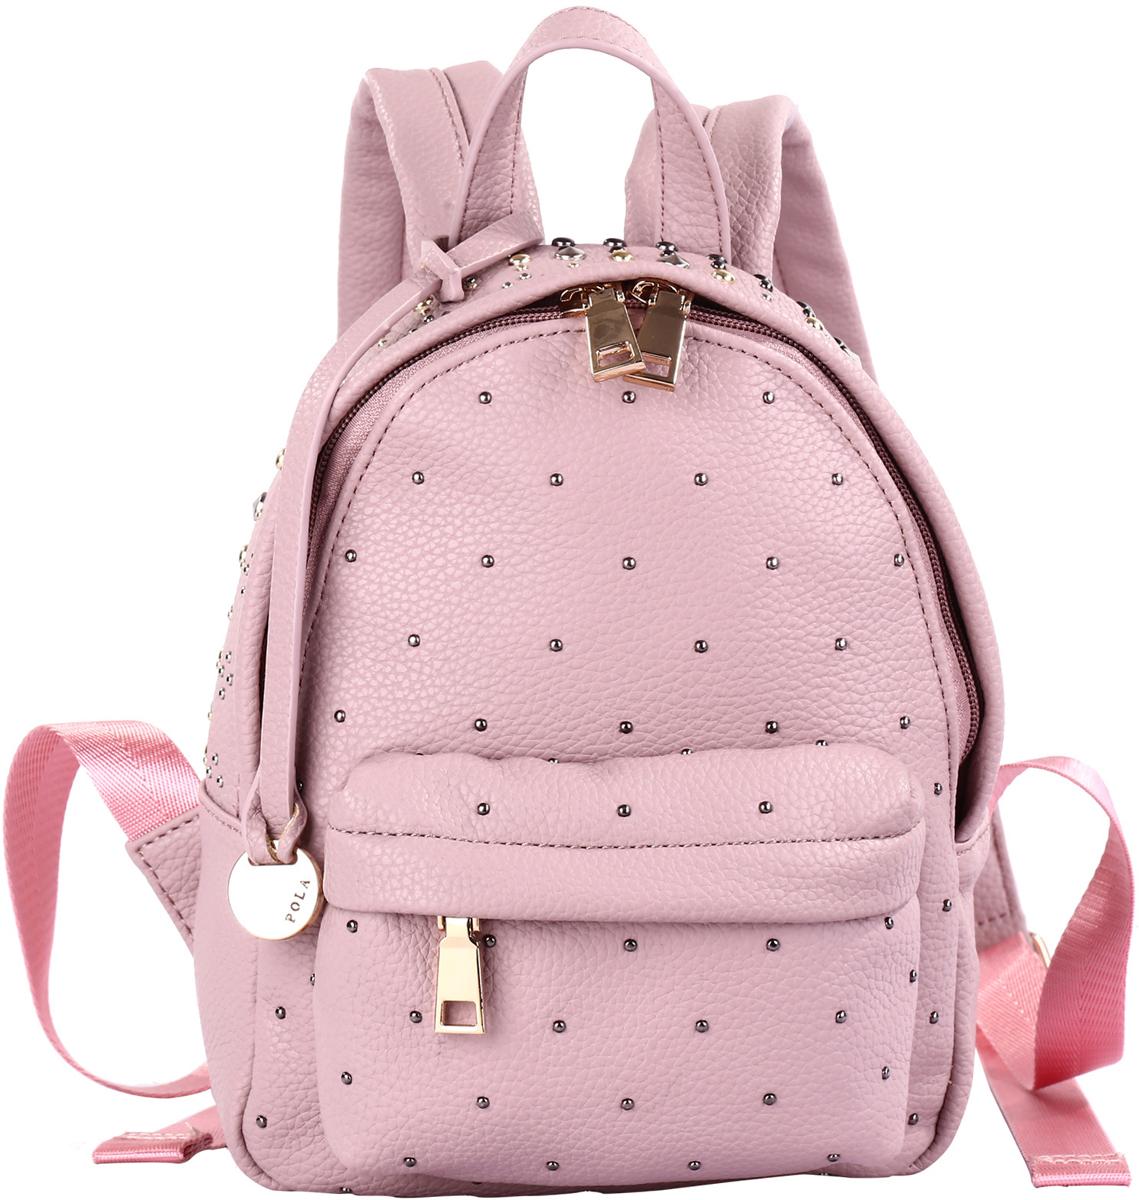 Рюкзак женский Pola, цвет: розовый. 74521